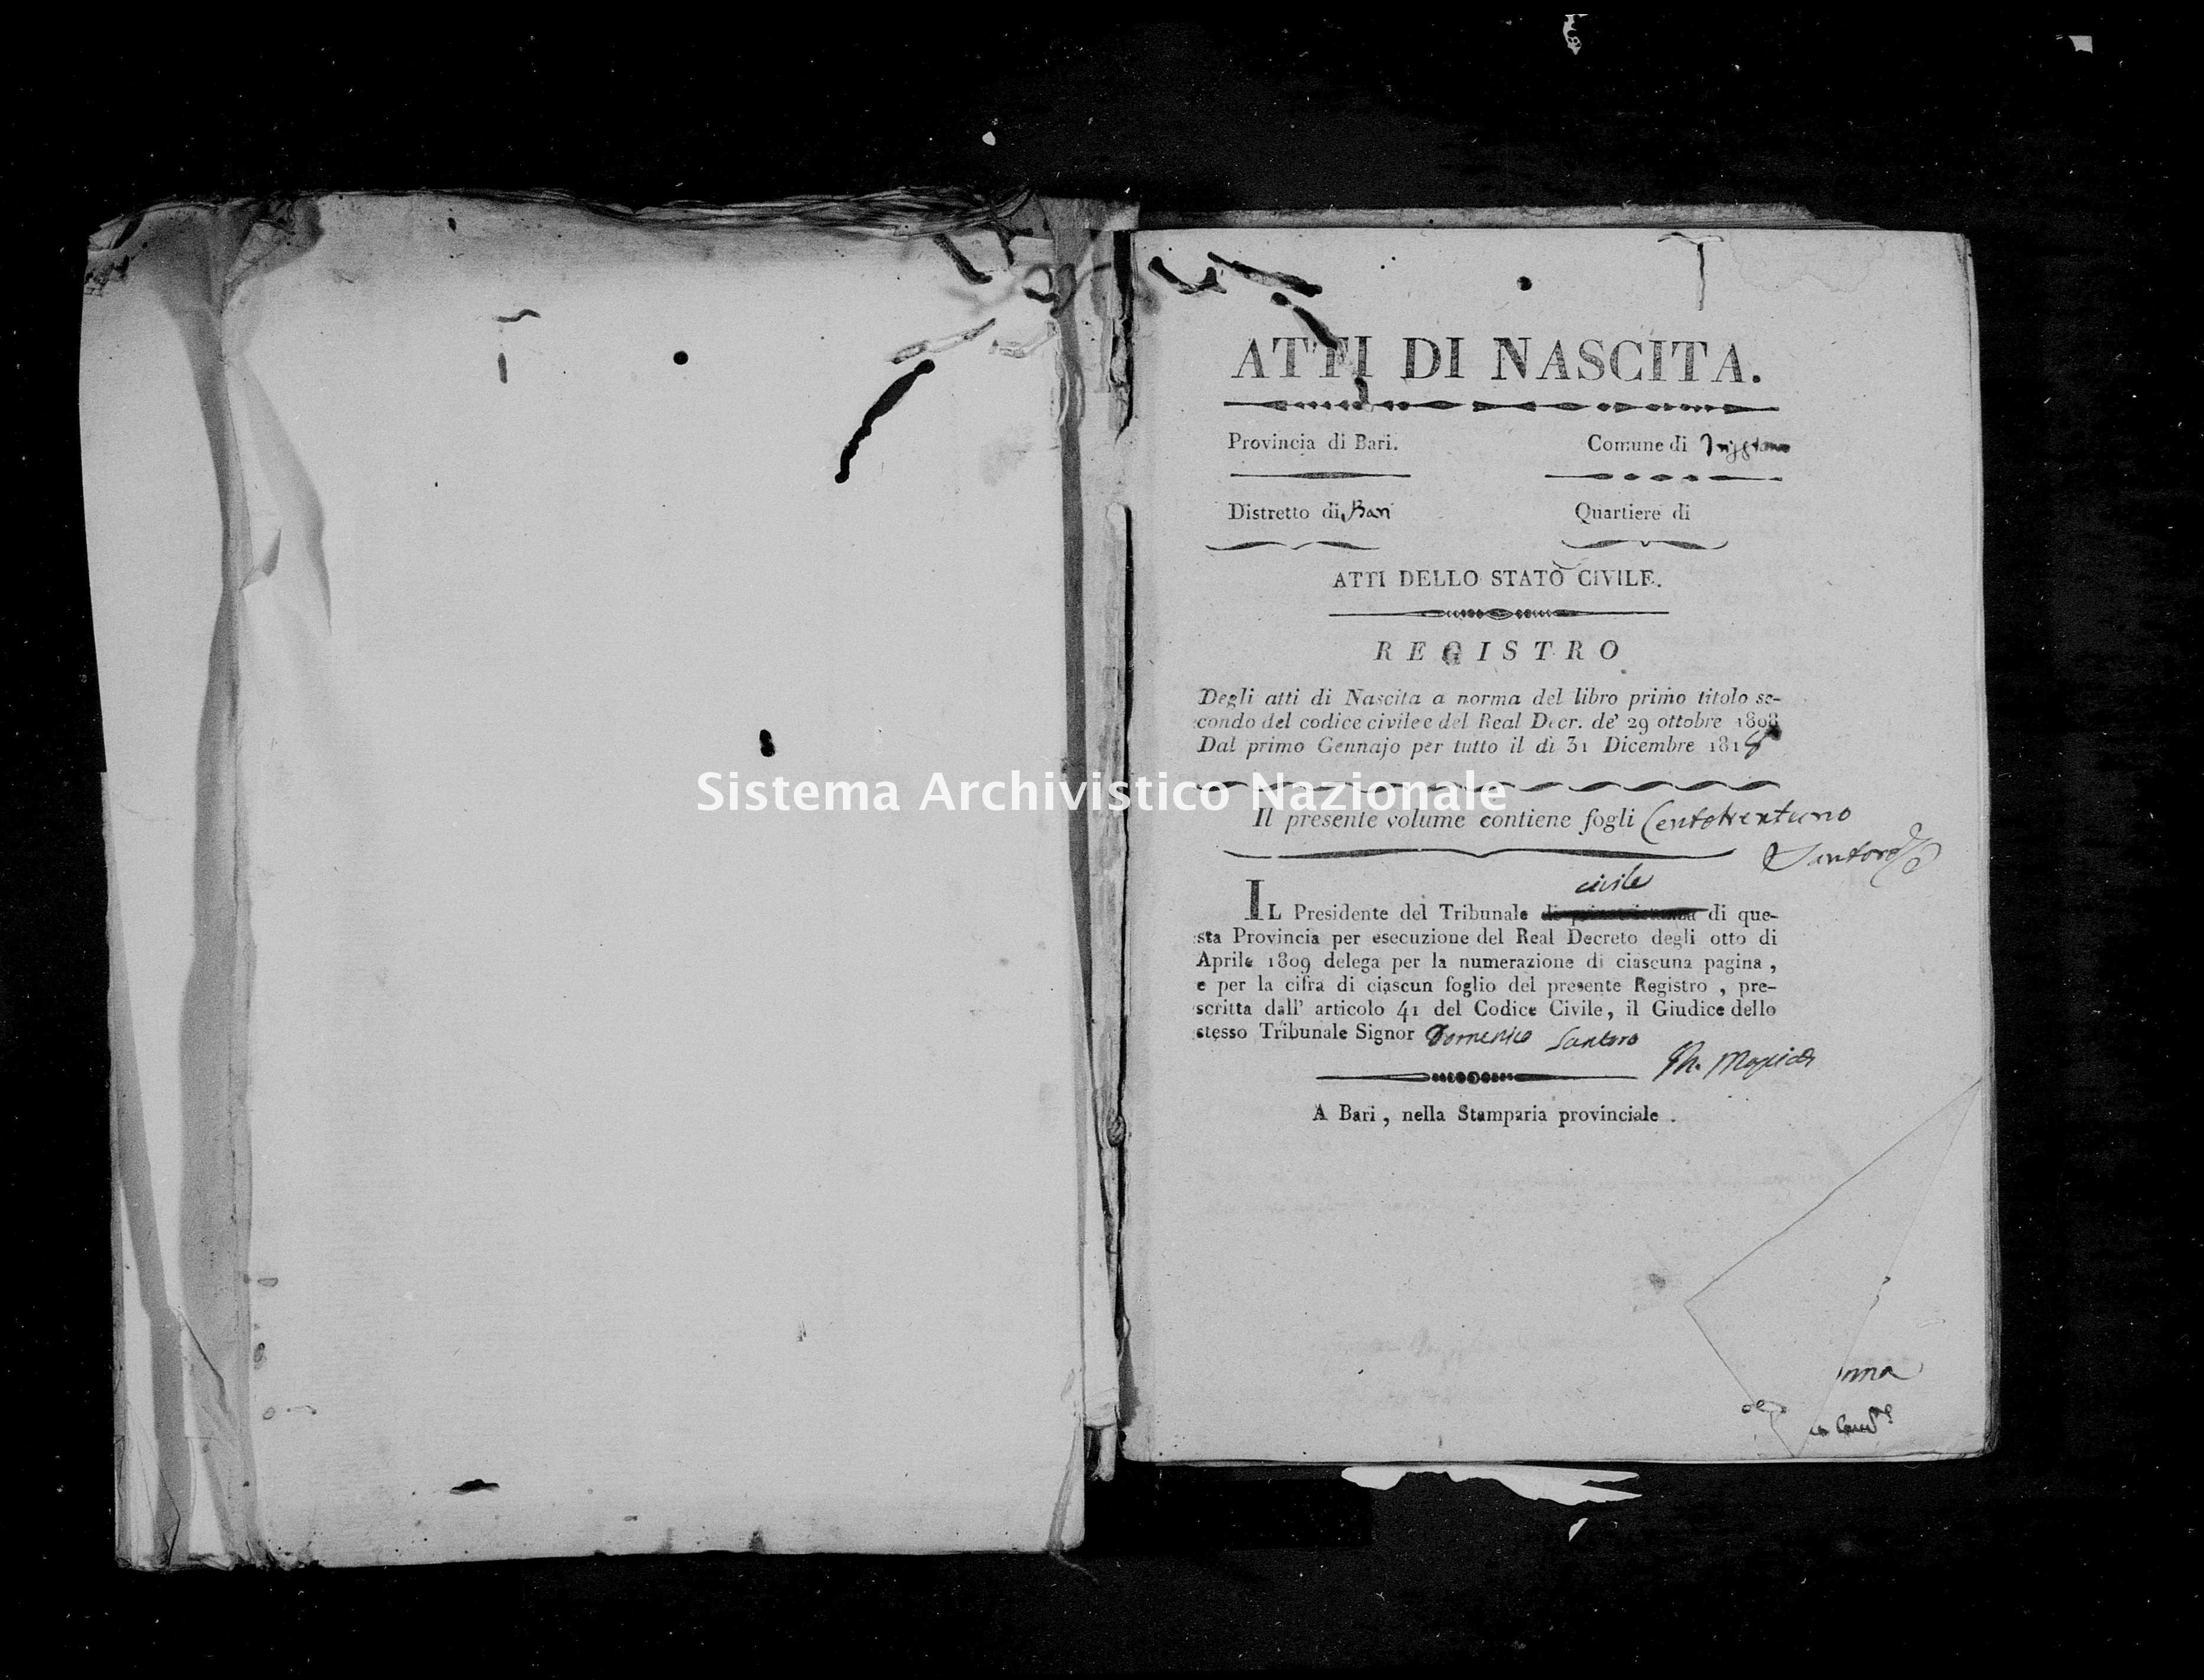 Archivio di stato di Bari - Stato civile della restaurazione - Triggiano - Nati - 1818 - Parte 1 -